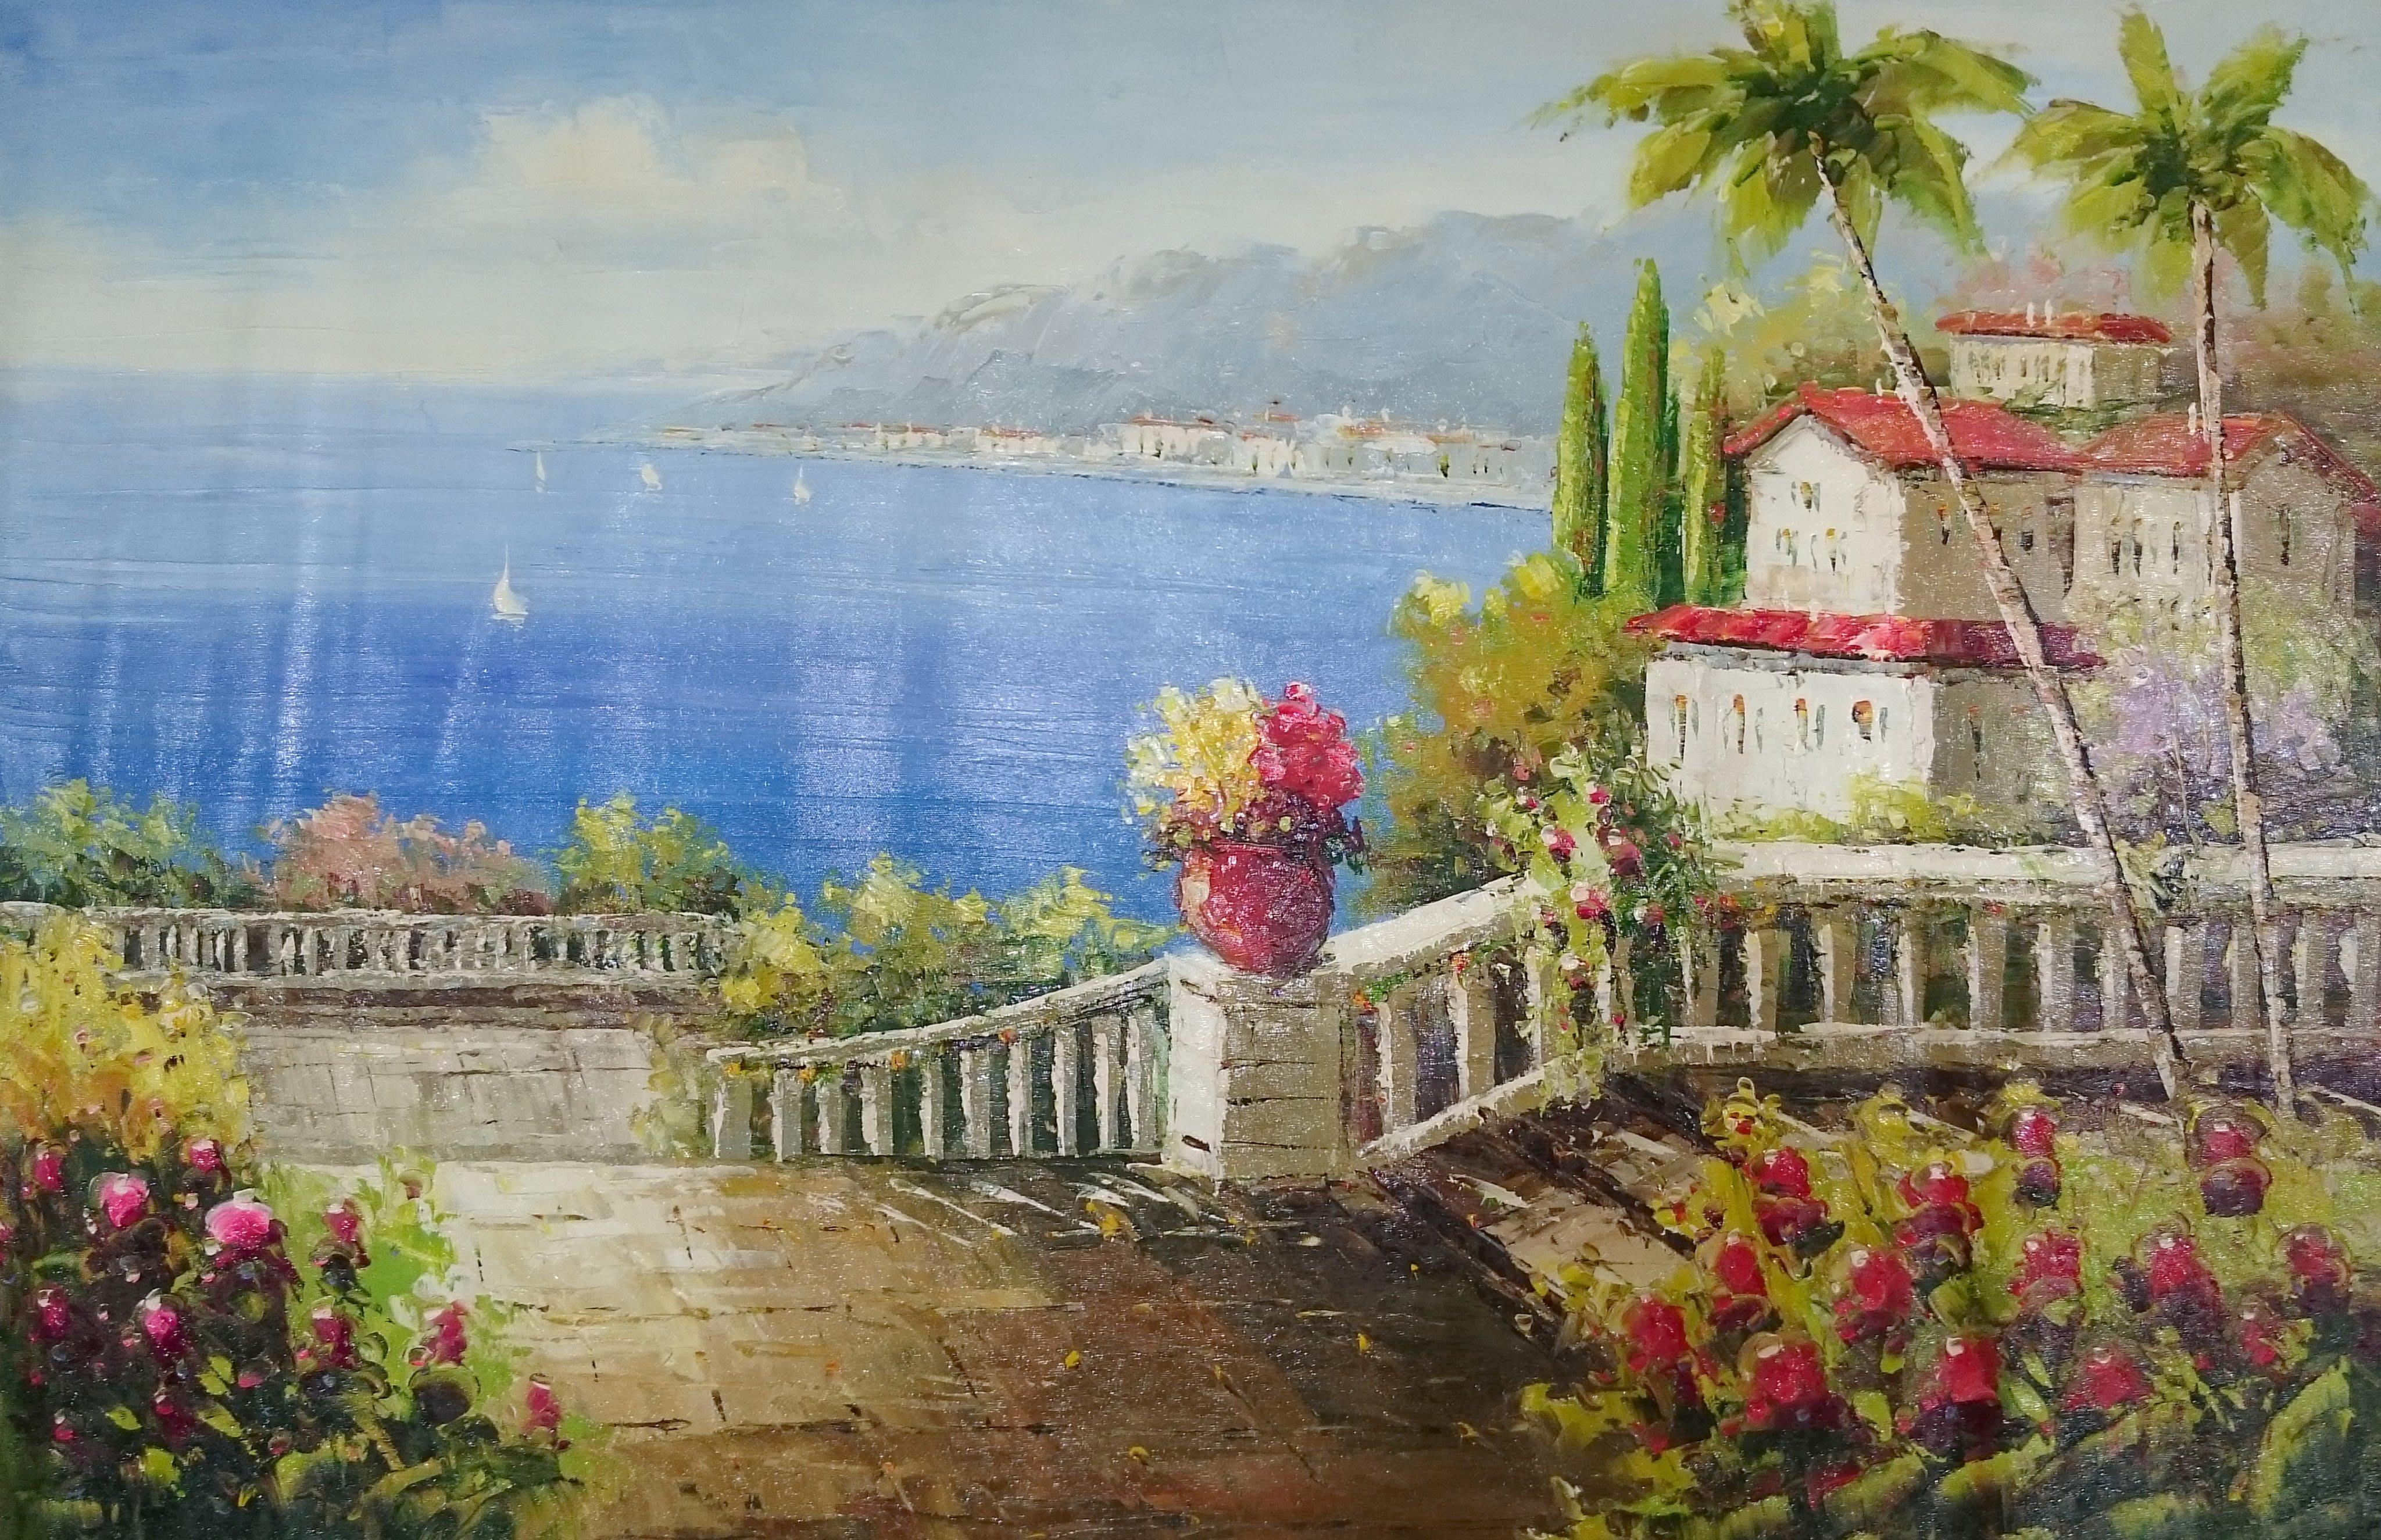 松風閣畫廊 60x50 cm地中海風景 歐風油畫